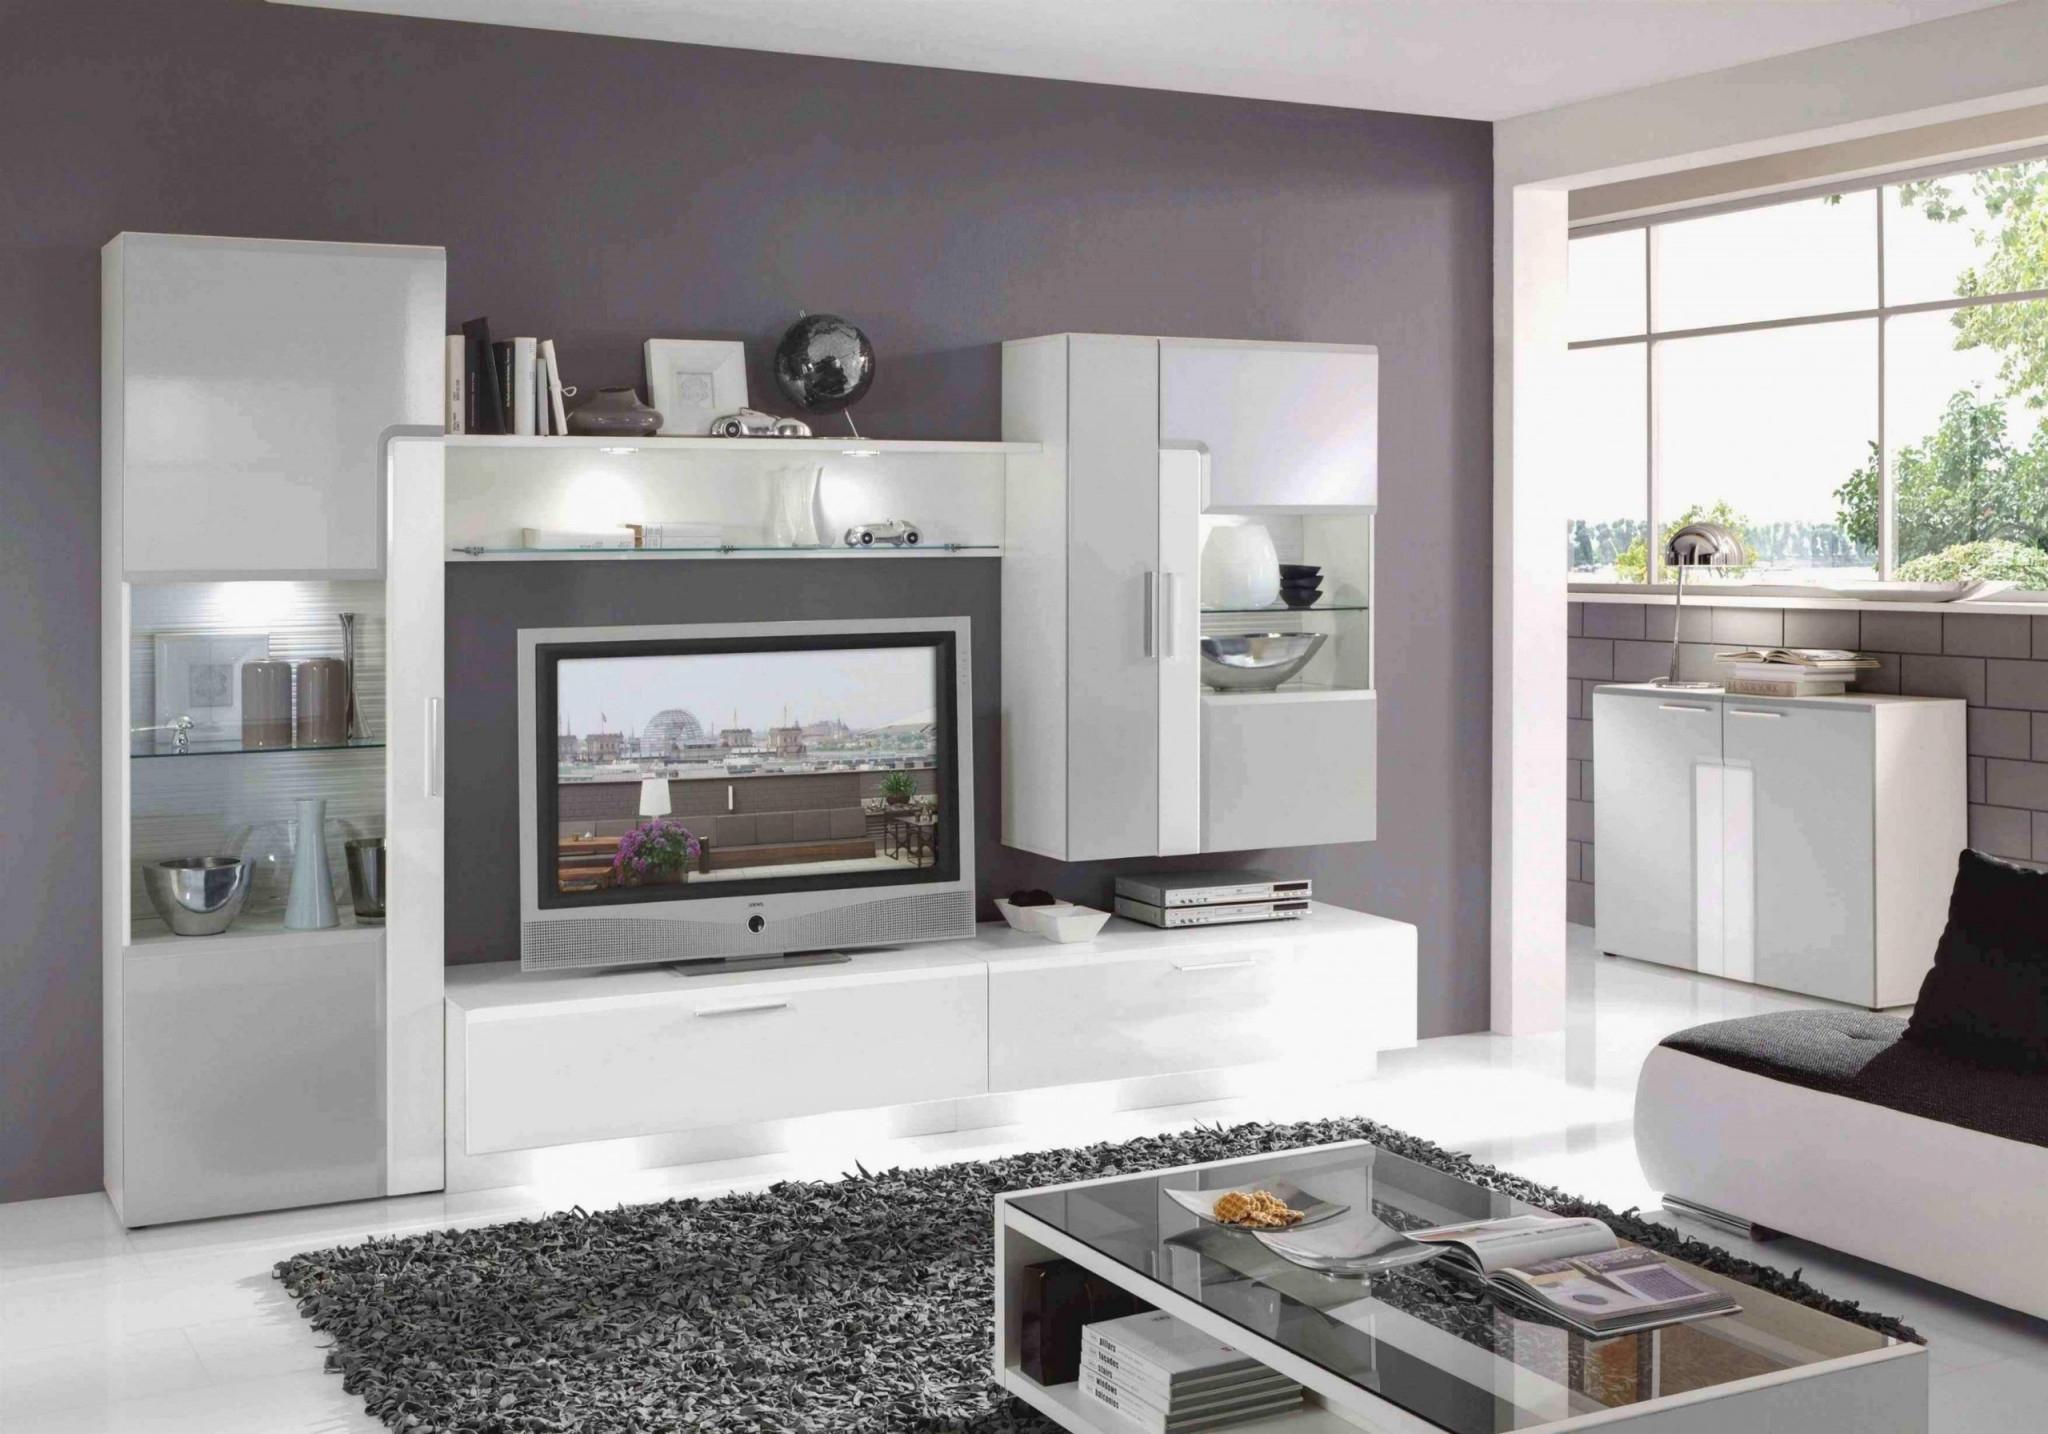 Wohnzimmer Einrichten Farben Frisch 50 Beste Von Farben Im von Wohnzimmer Einrichten Farben Bild